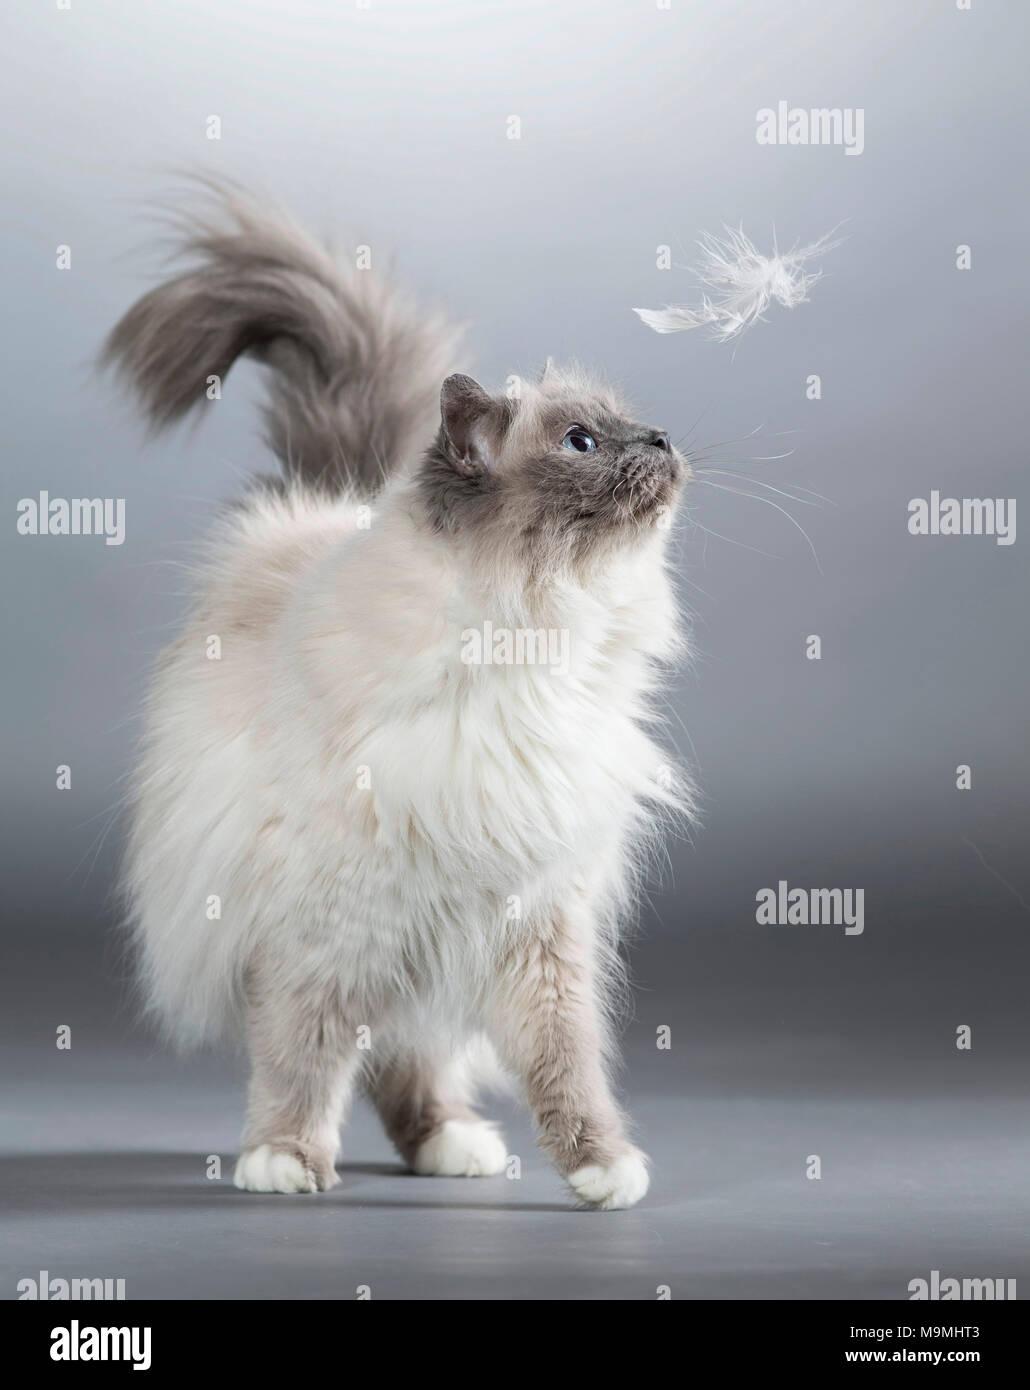 Gato sagrado de Birmania. Gato adulto mirando hacia abajo cayendo. Studio picture contra un fondo gris. Alemania Imagen De Stock